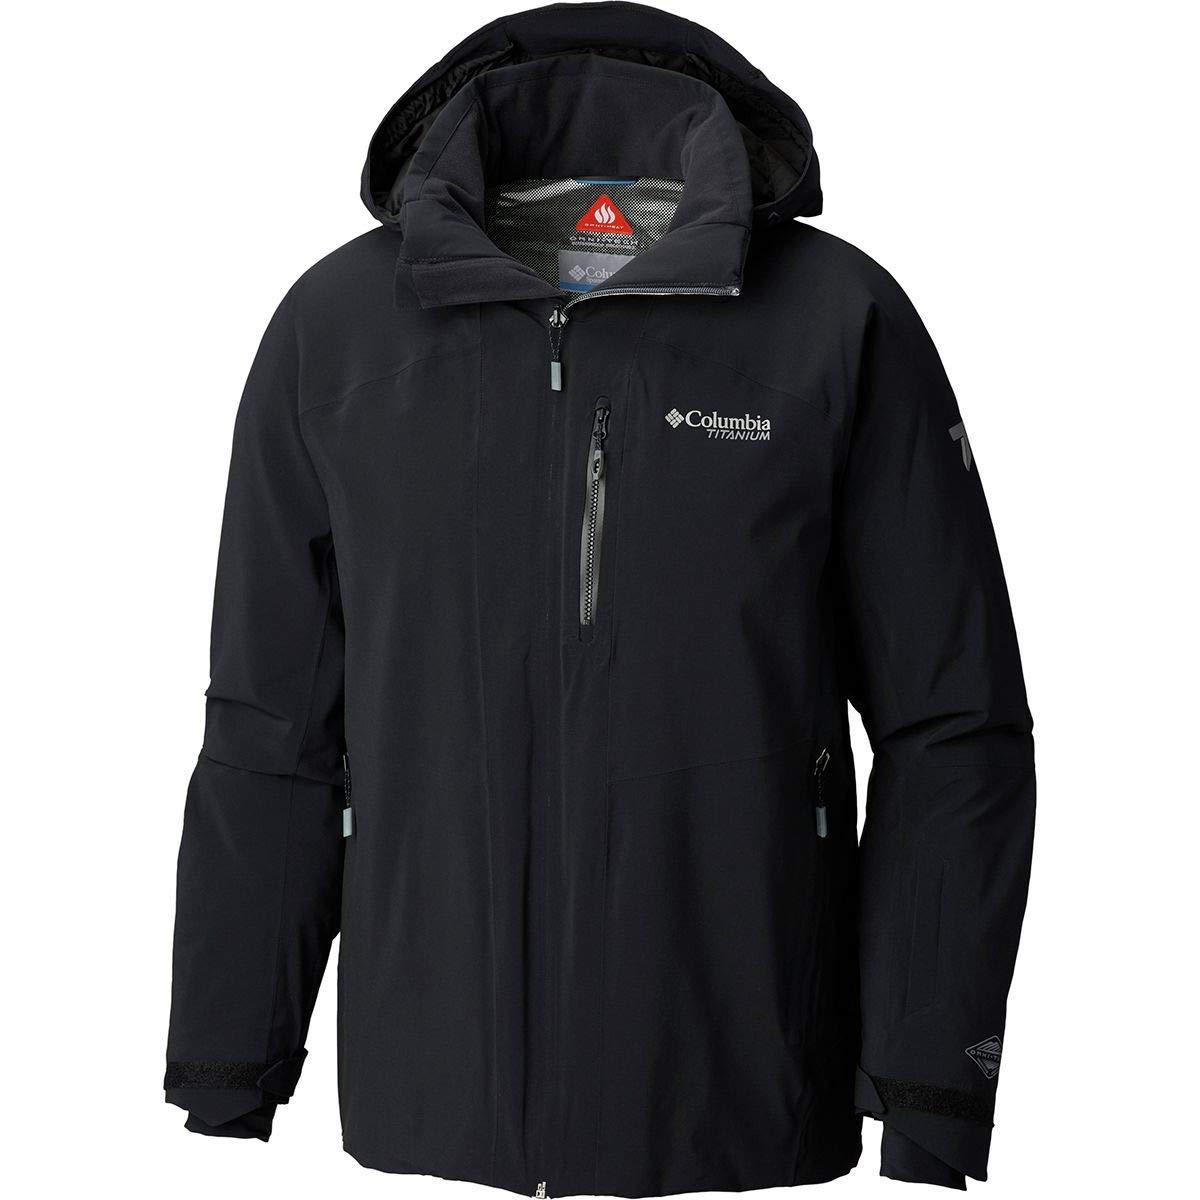 Amazon.com: Columbia Snow Rival - Chaqueta para hombre ...